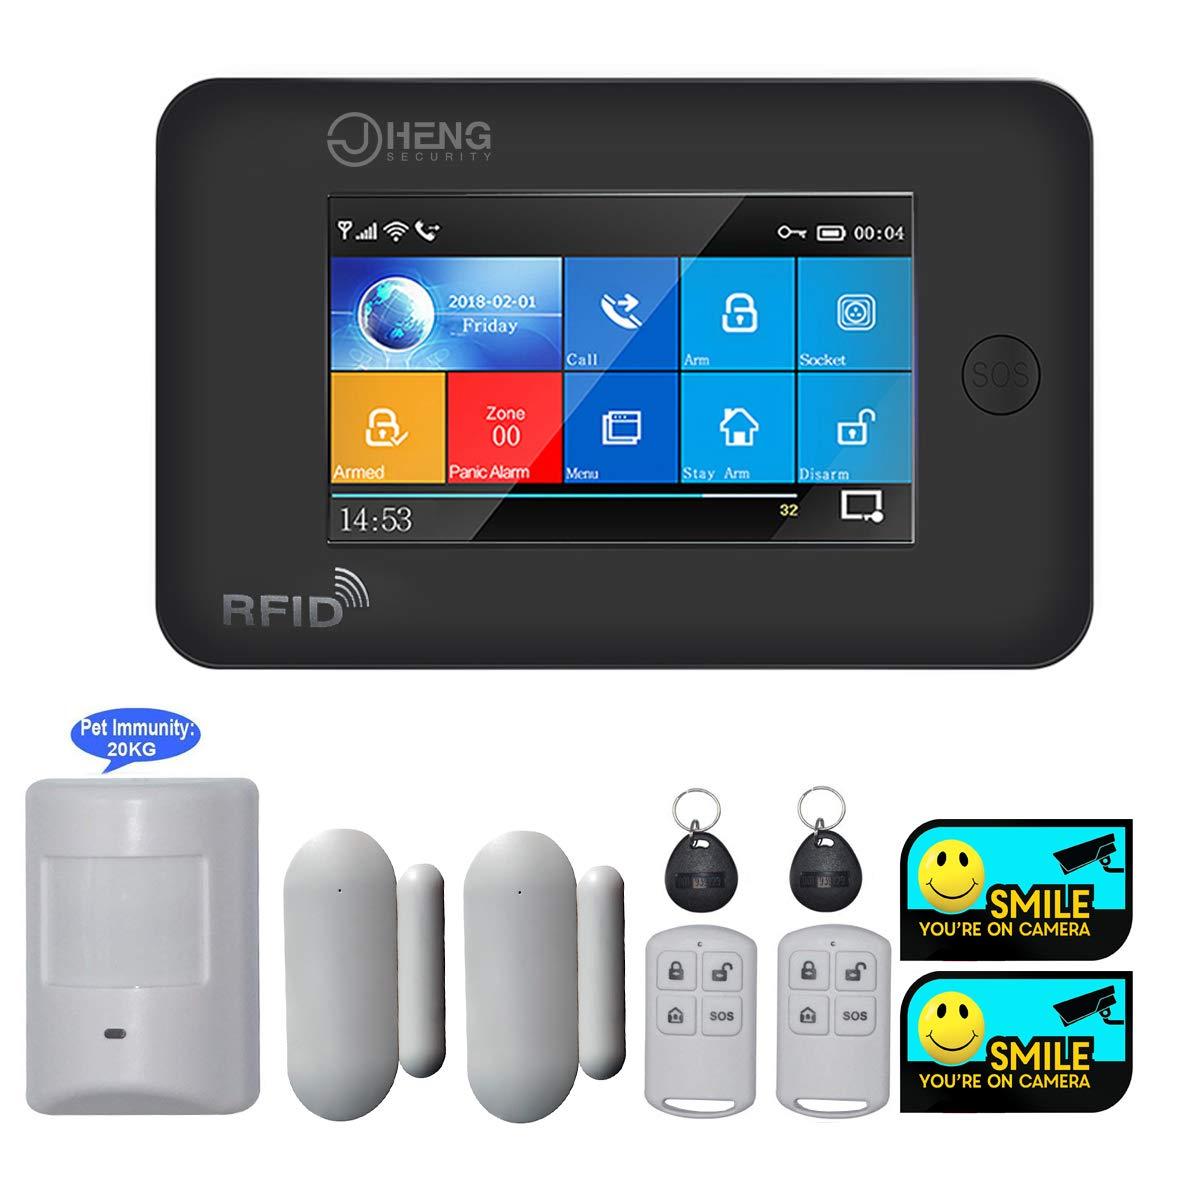 JC Wi-Fi y celular Switchable Sistema de alarma de seguridad Hogar y negocios Burglar Security trabajo con Alexa y control remoto APP detector PIR aptopara mascotas 99 zonas de defensainal/ámbrica